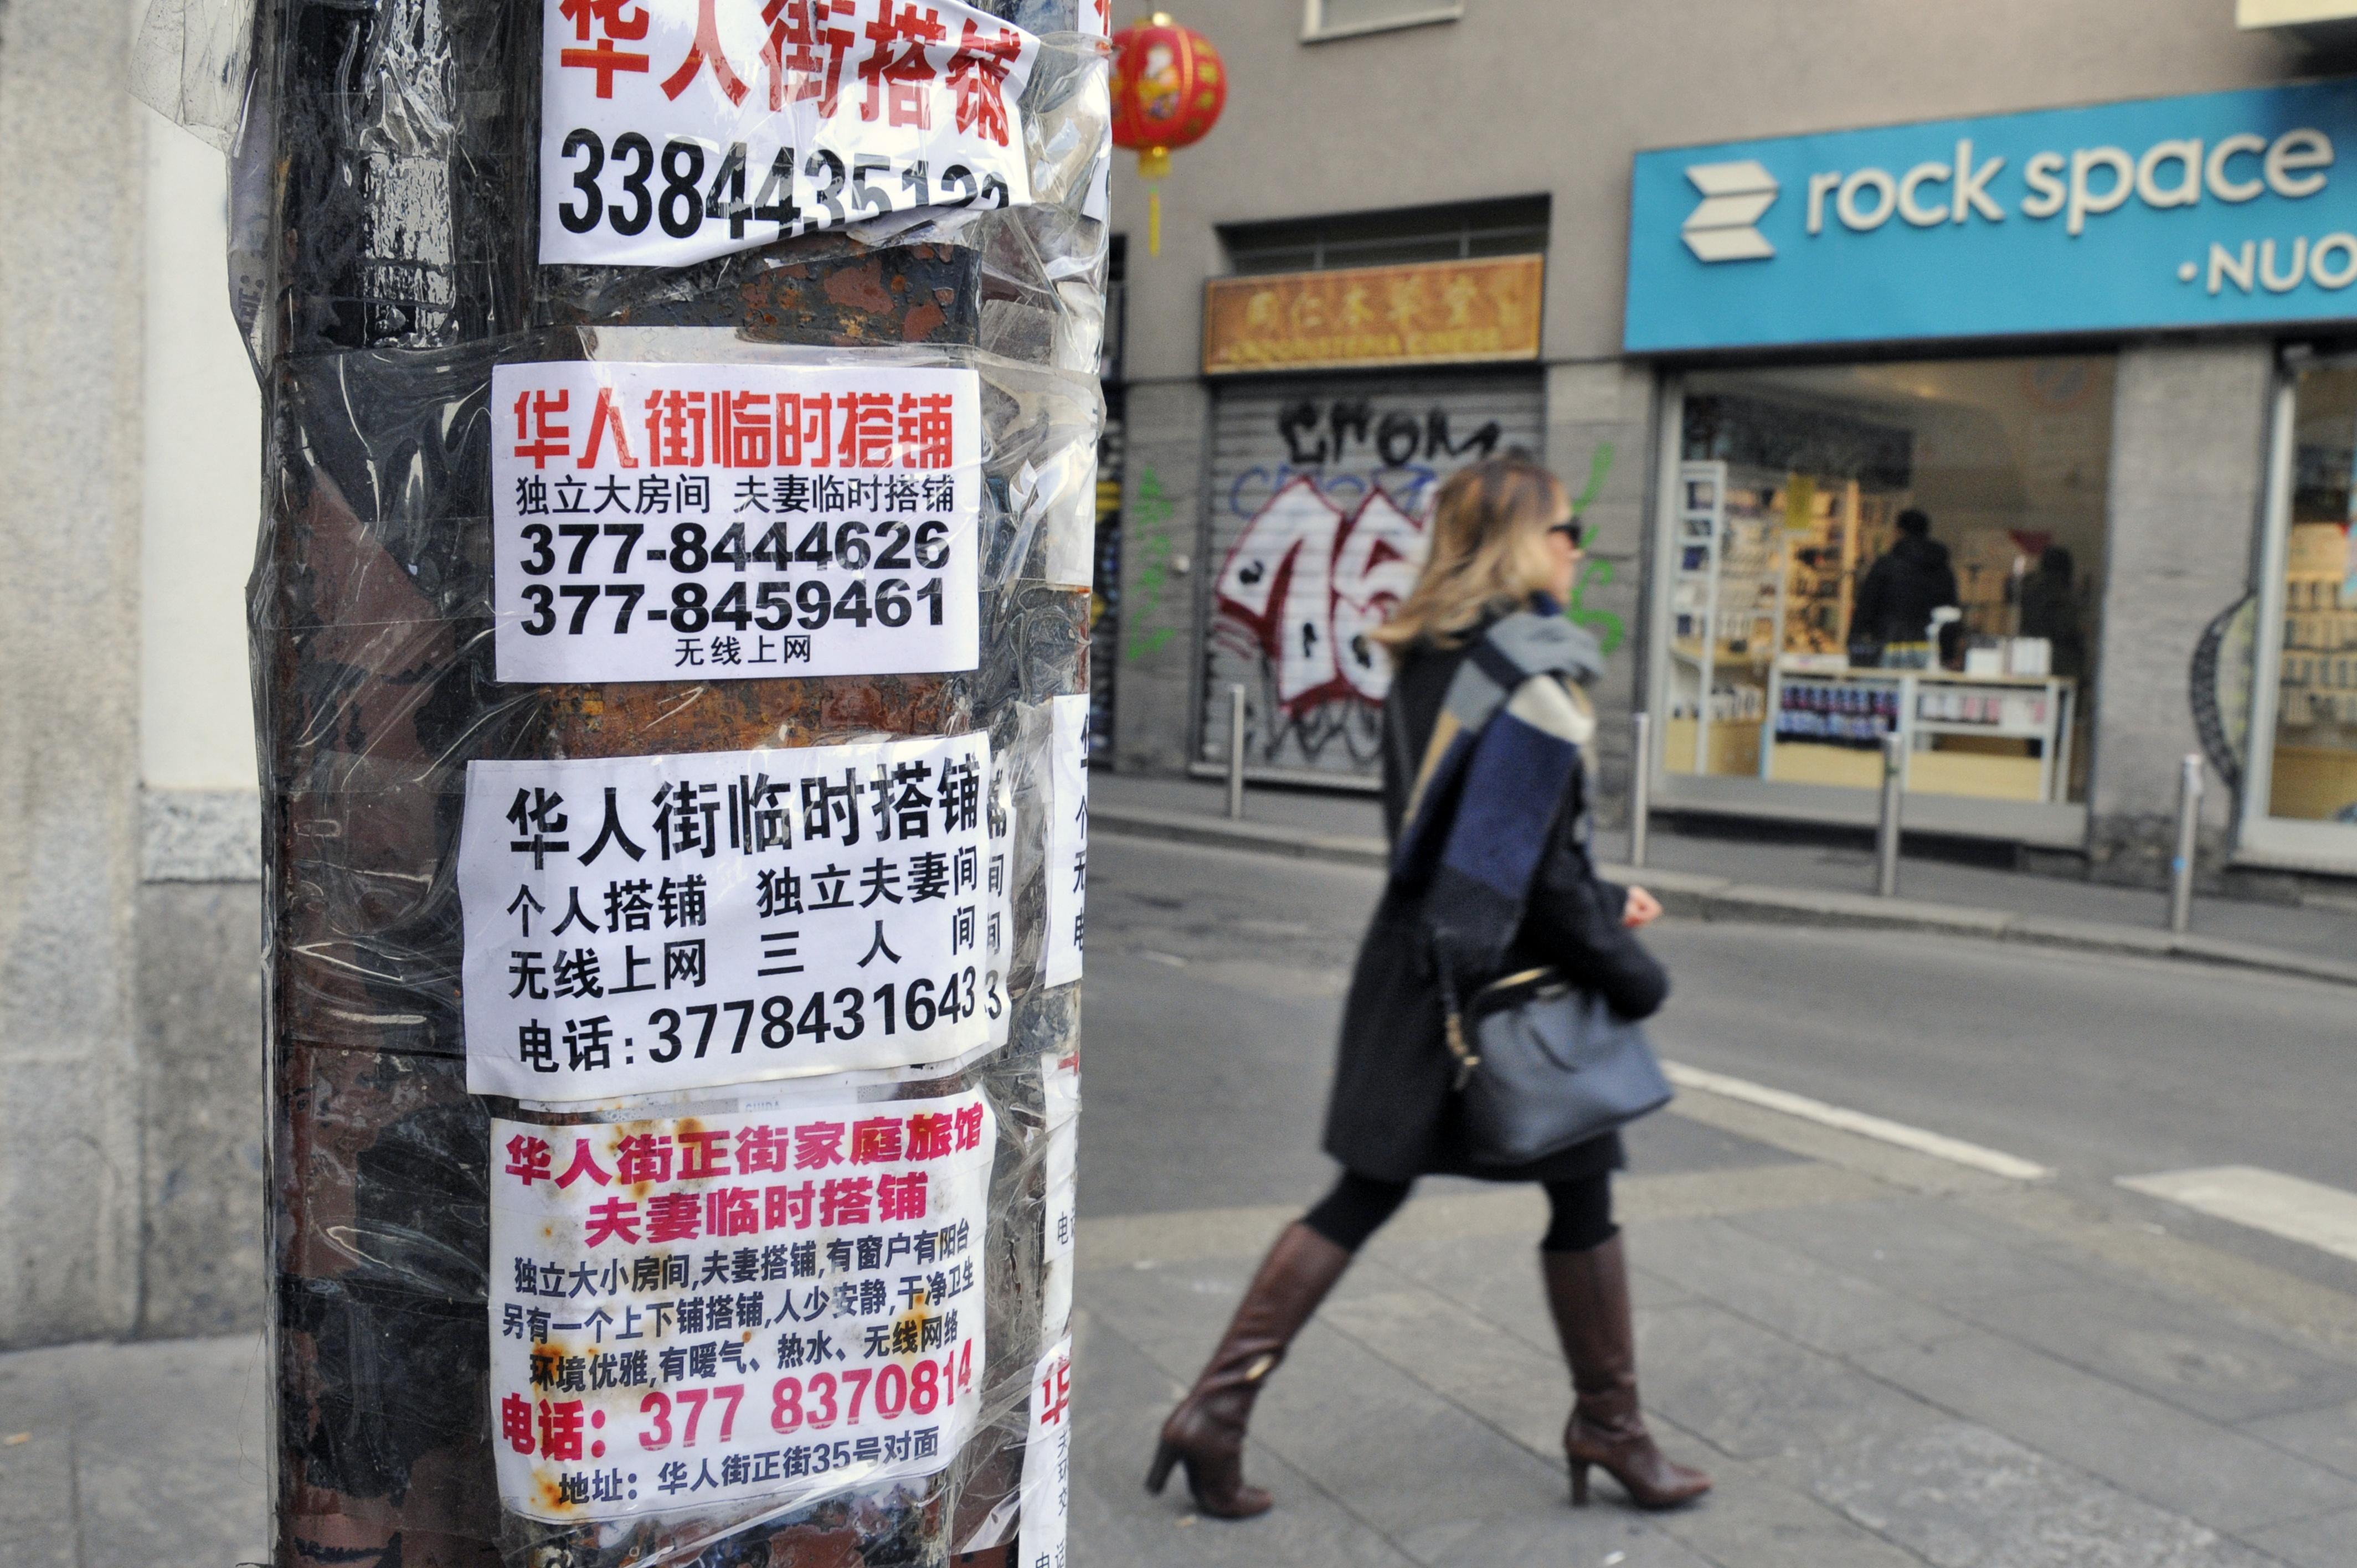 Milano's Chinatown